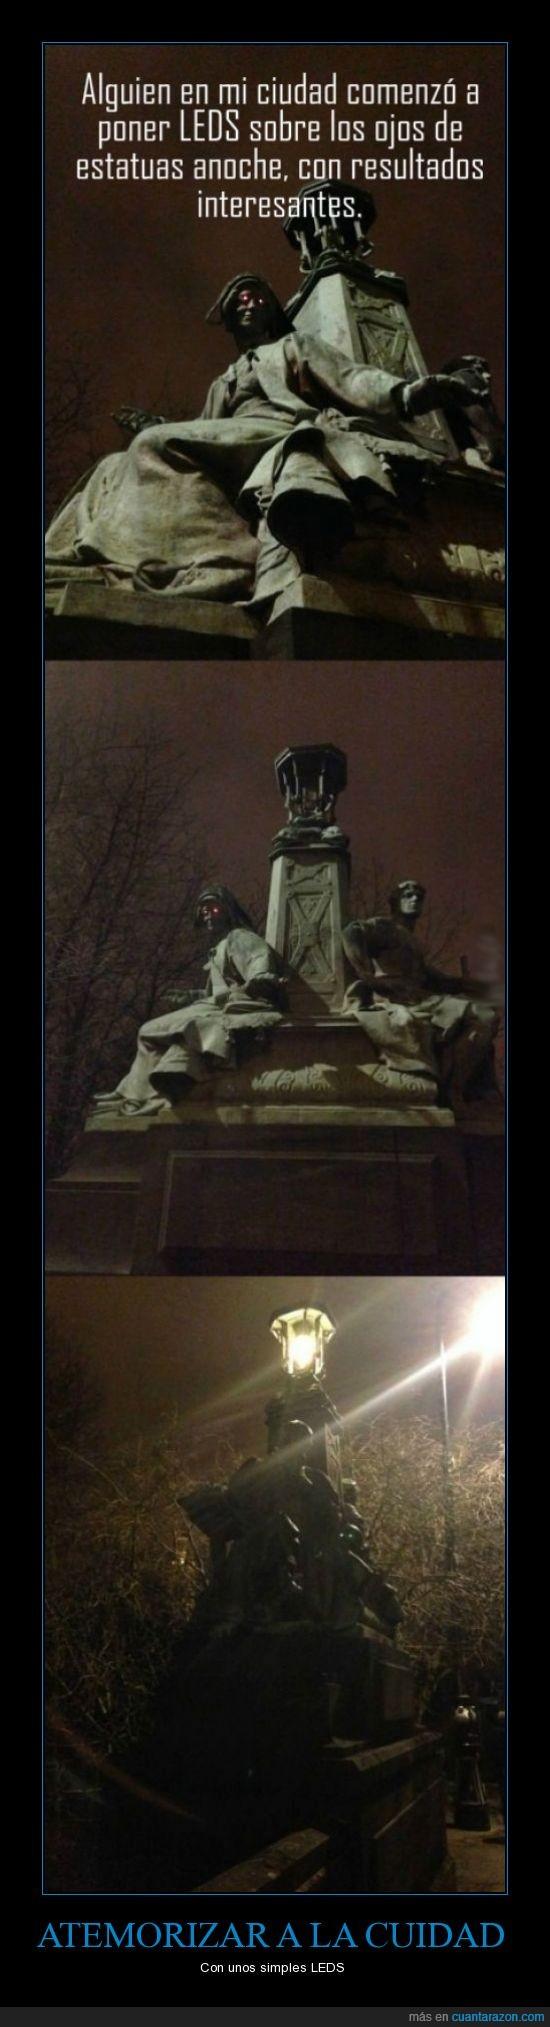 estatuas,LEDS,luces,maldad,miedo,ojos,¡ESO ES DEL DIABLO!